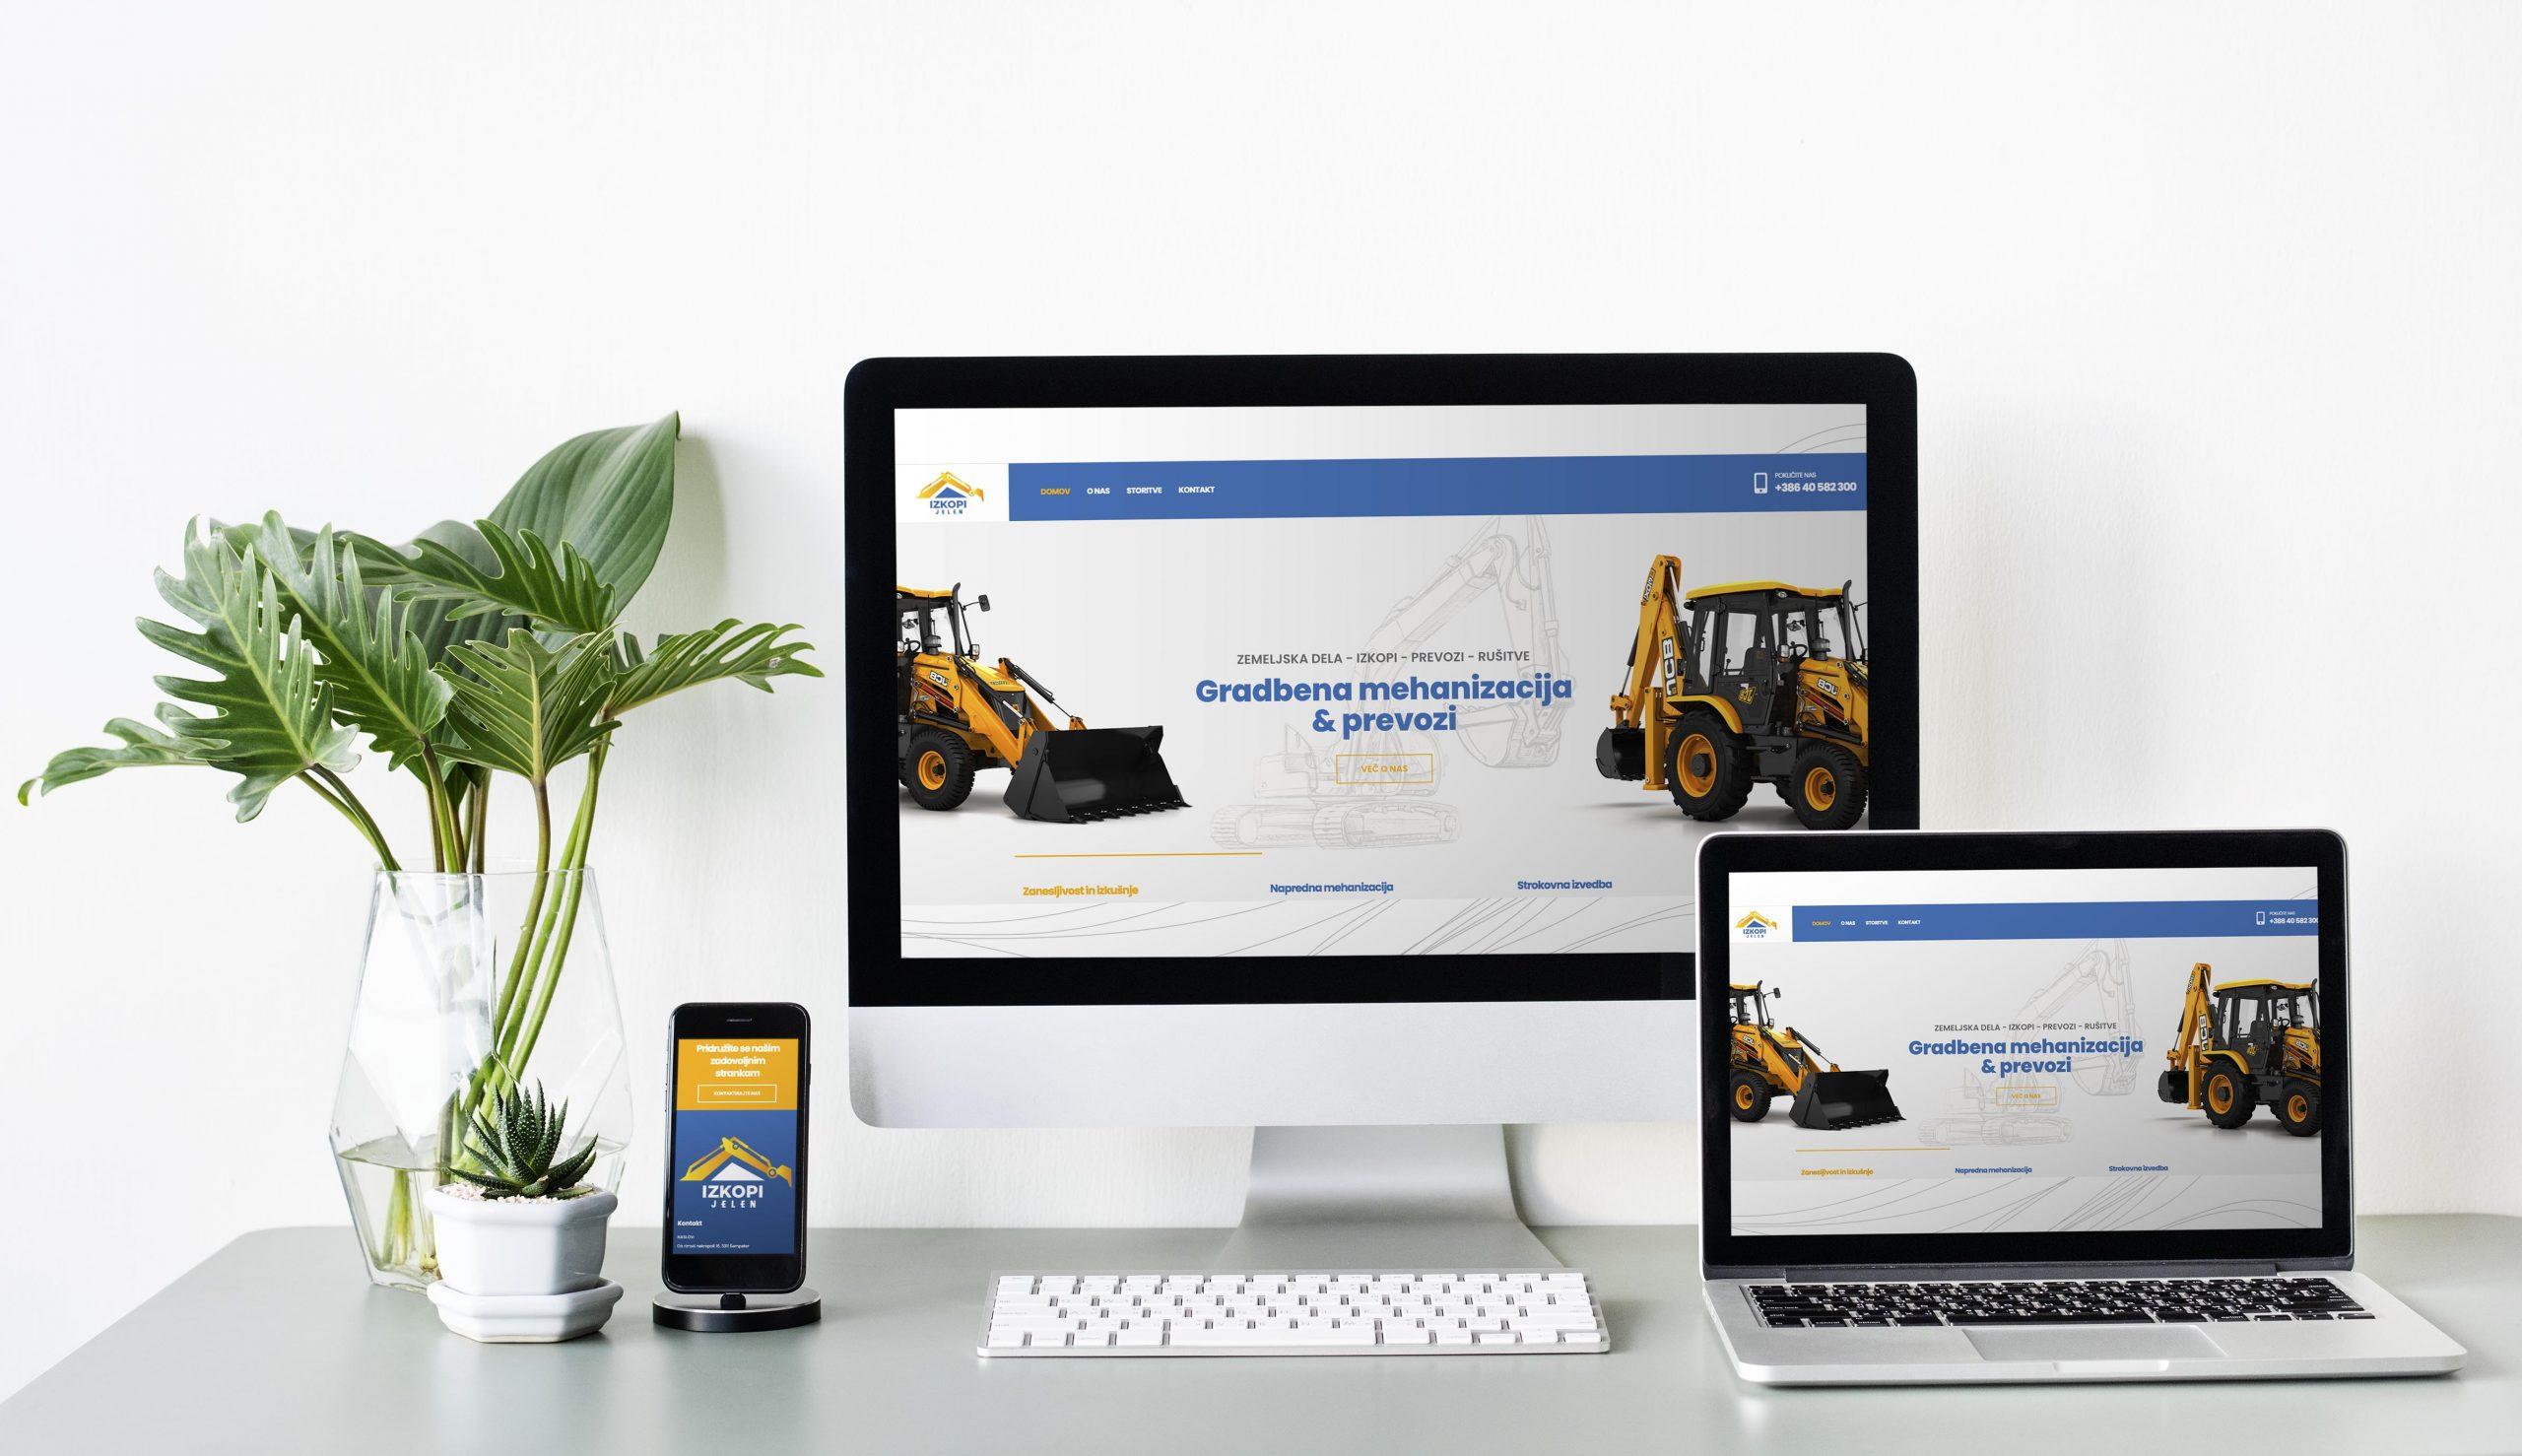 Izkopi Jelen - izdelava spletne strani